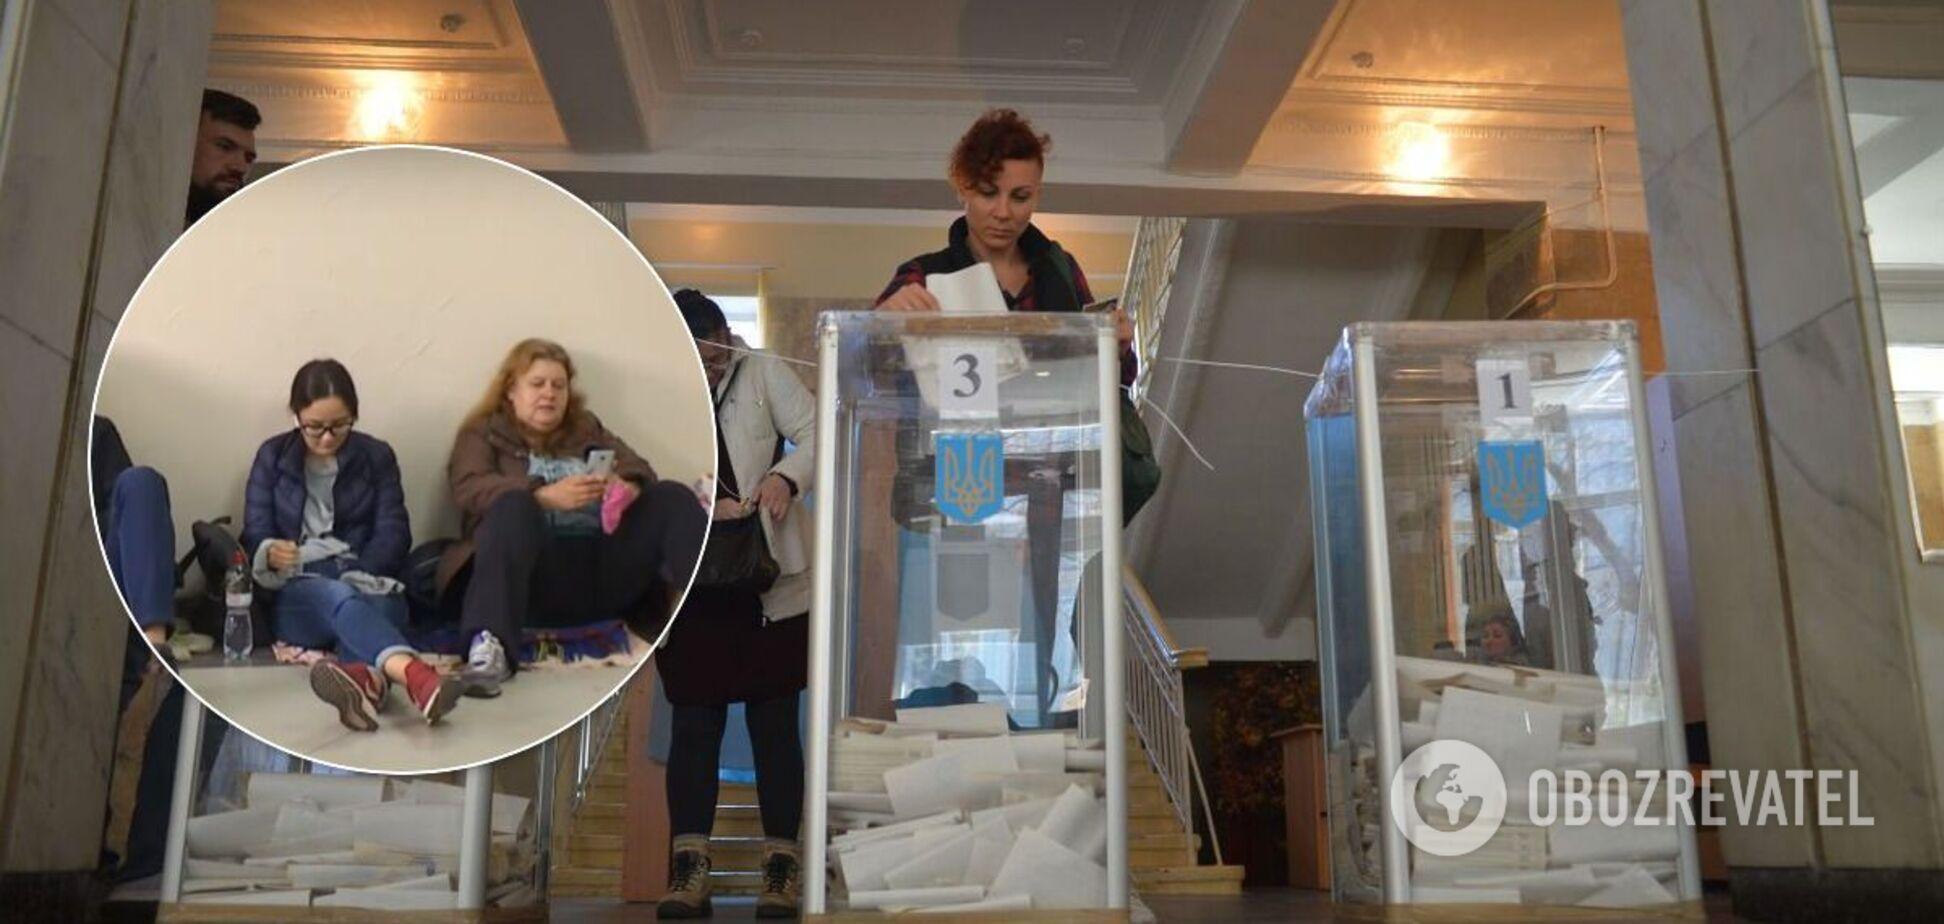 В Одессе люди спали на полу в ТИК: протоколы сдают уже второй день. Видео